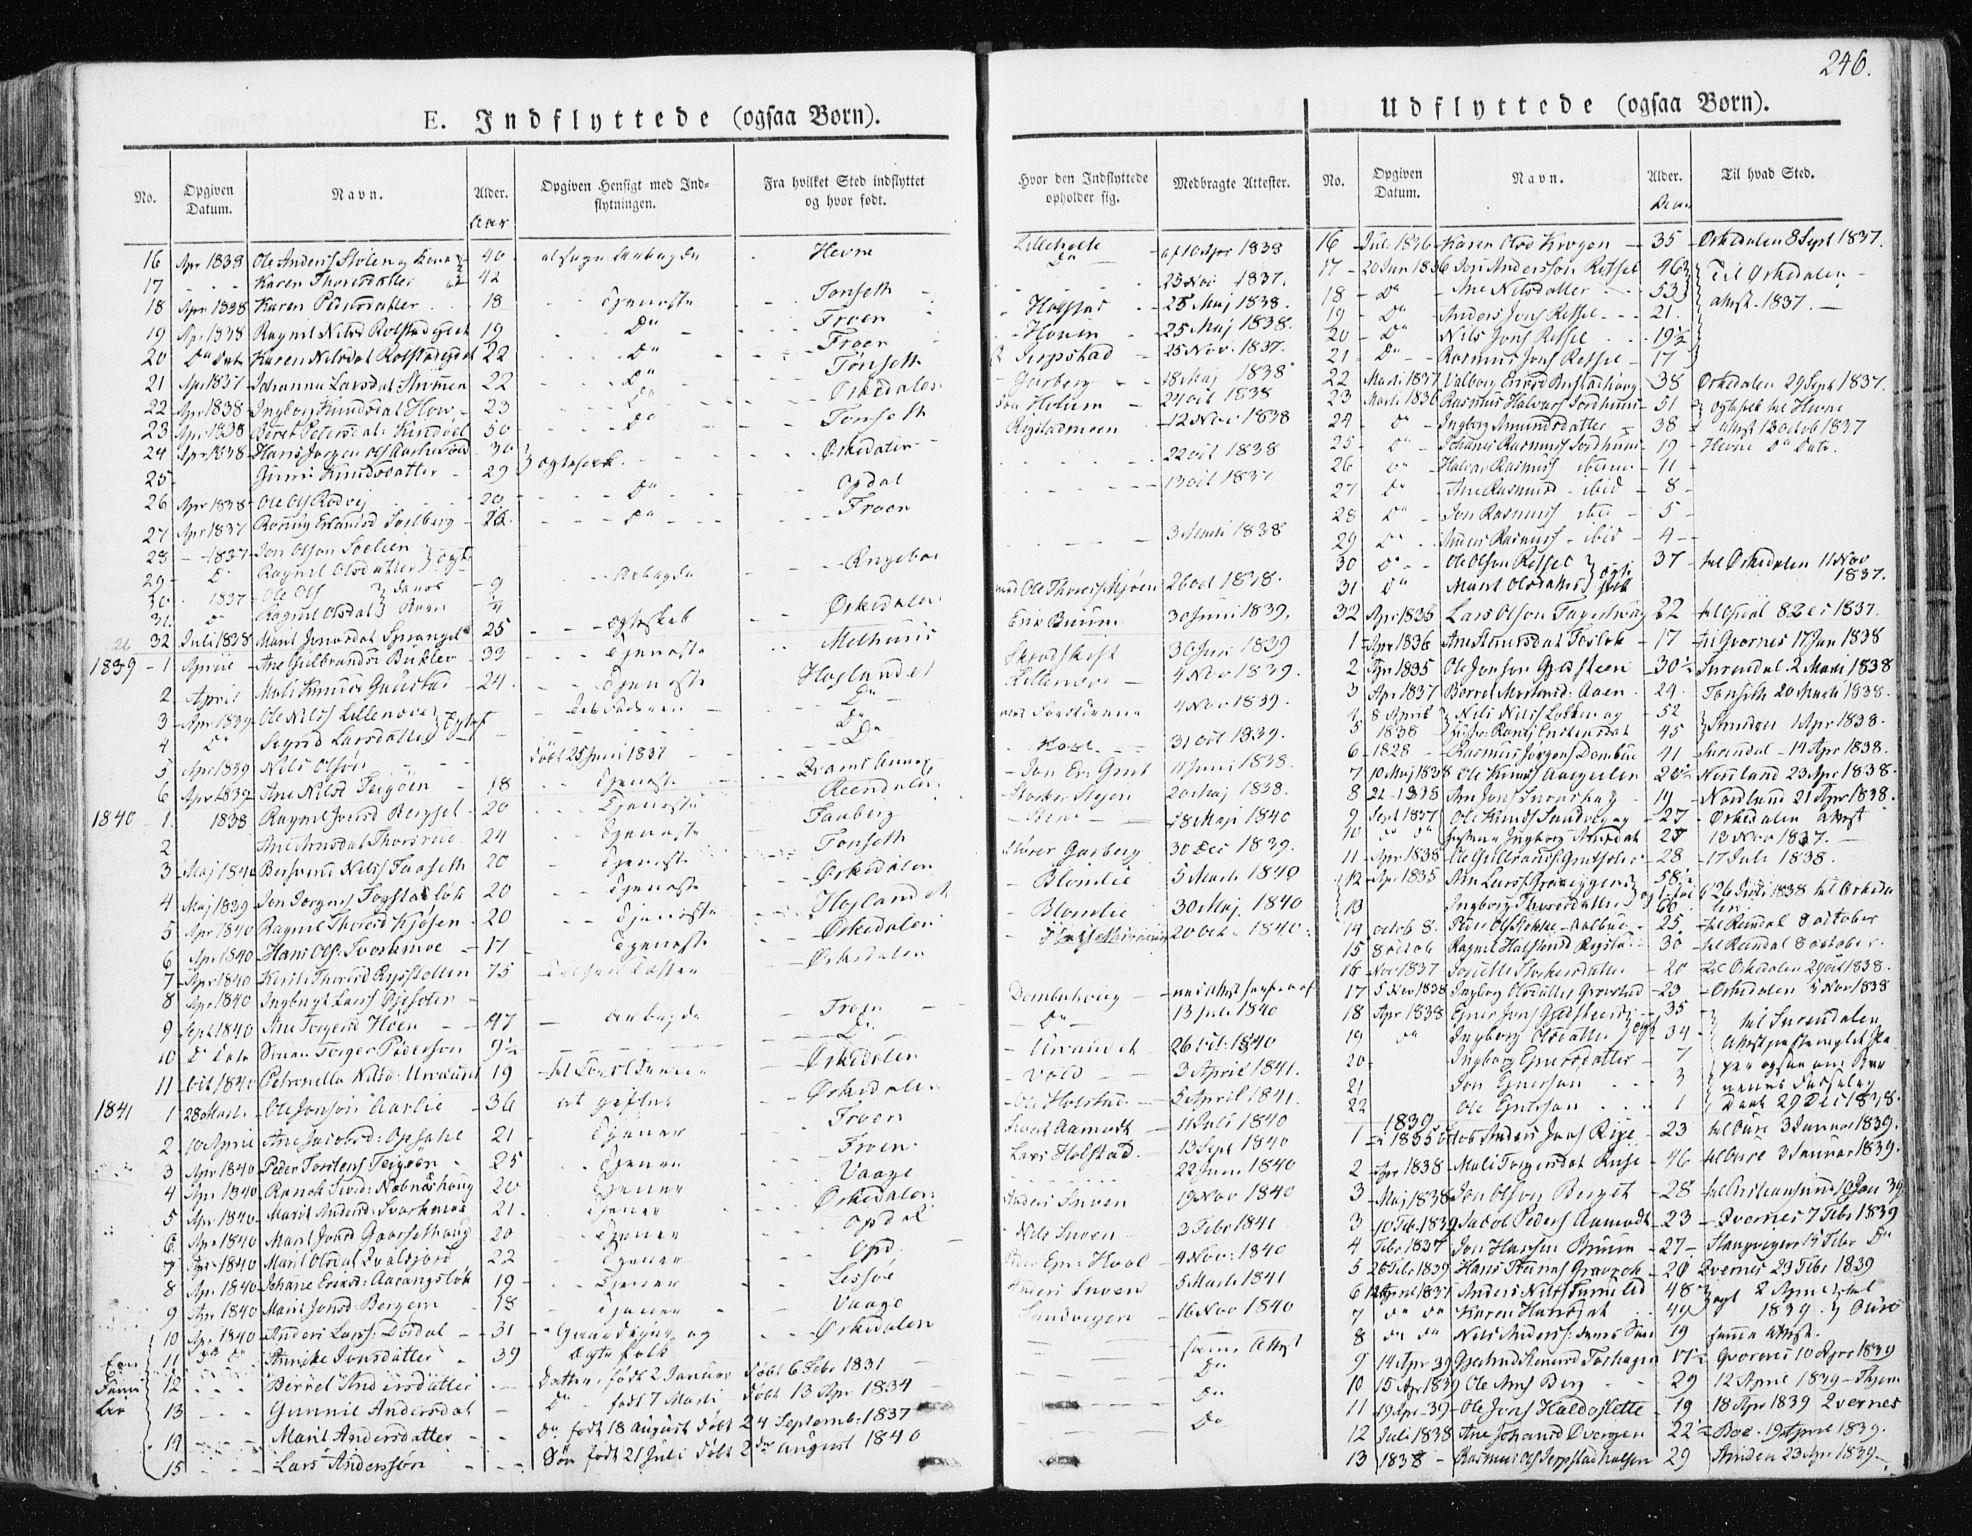 SAT, Ministerialprotokoller, klokkerbøker og fødselsregistre - Sør-Trøndelag, 672/L0855: Ministerialbok nr. 672A07, 1829-1860, s. 246